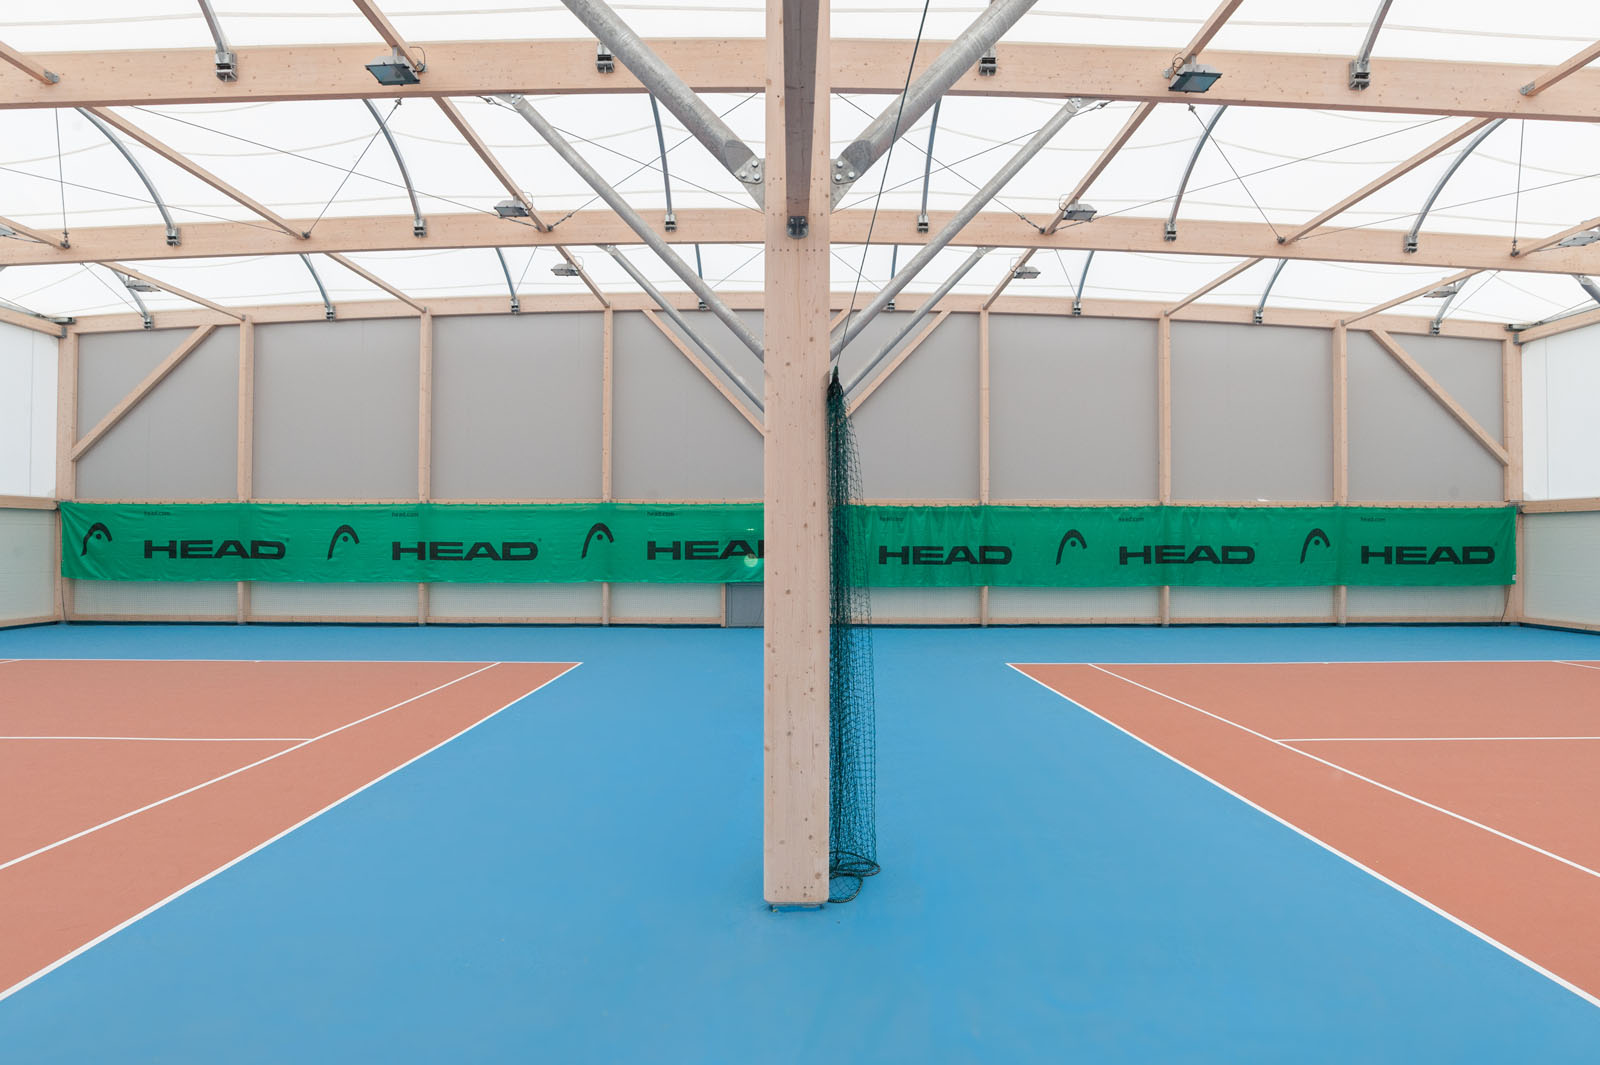 Cours De Tennis Photographié Par Un Photographe Architecture Professionnel à Faverges